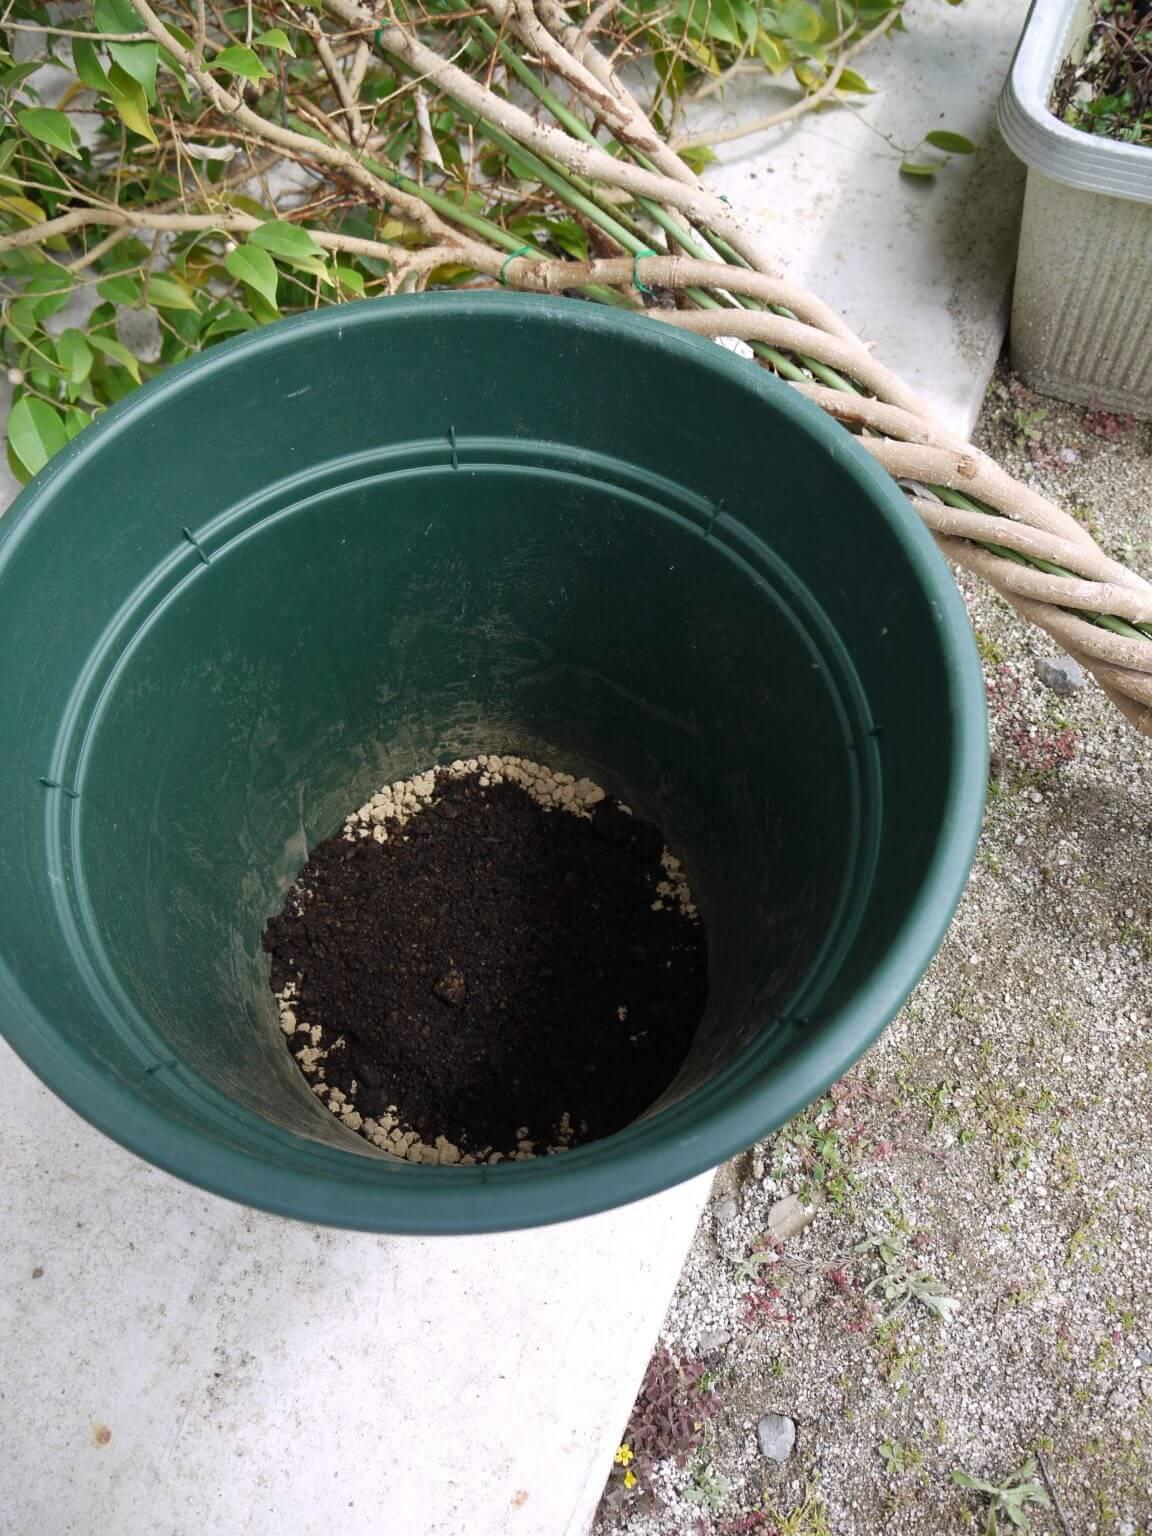 観葉植物用培養土を5cm入れた鉢